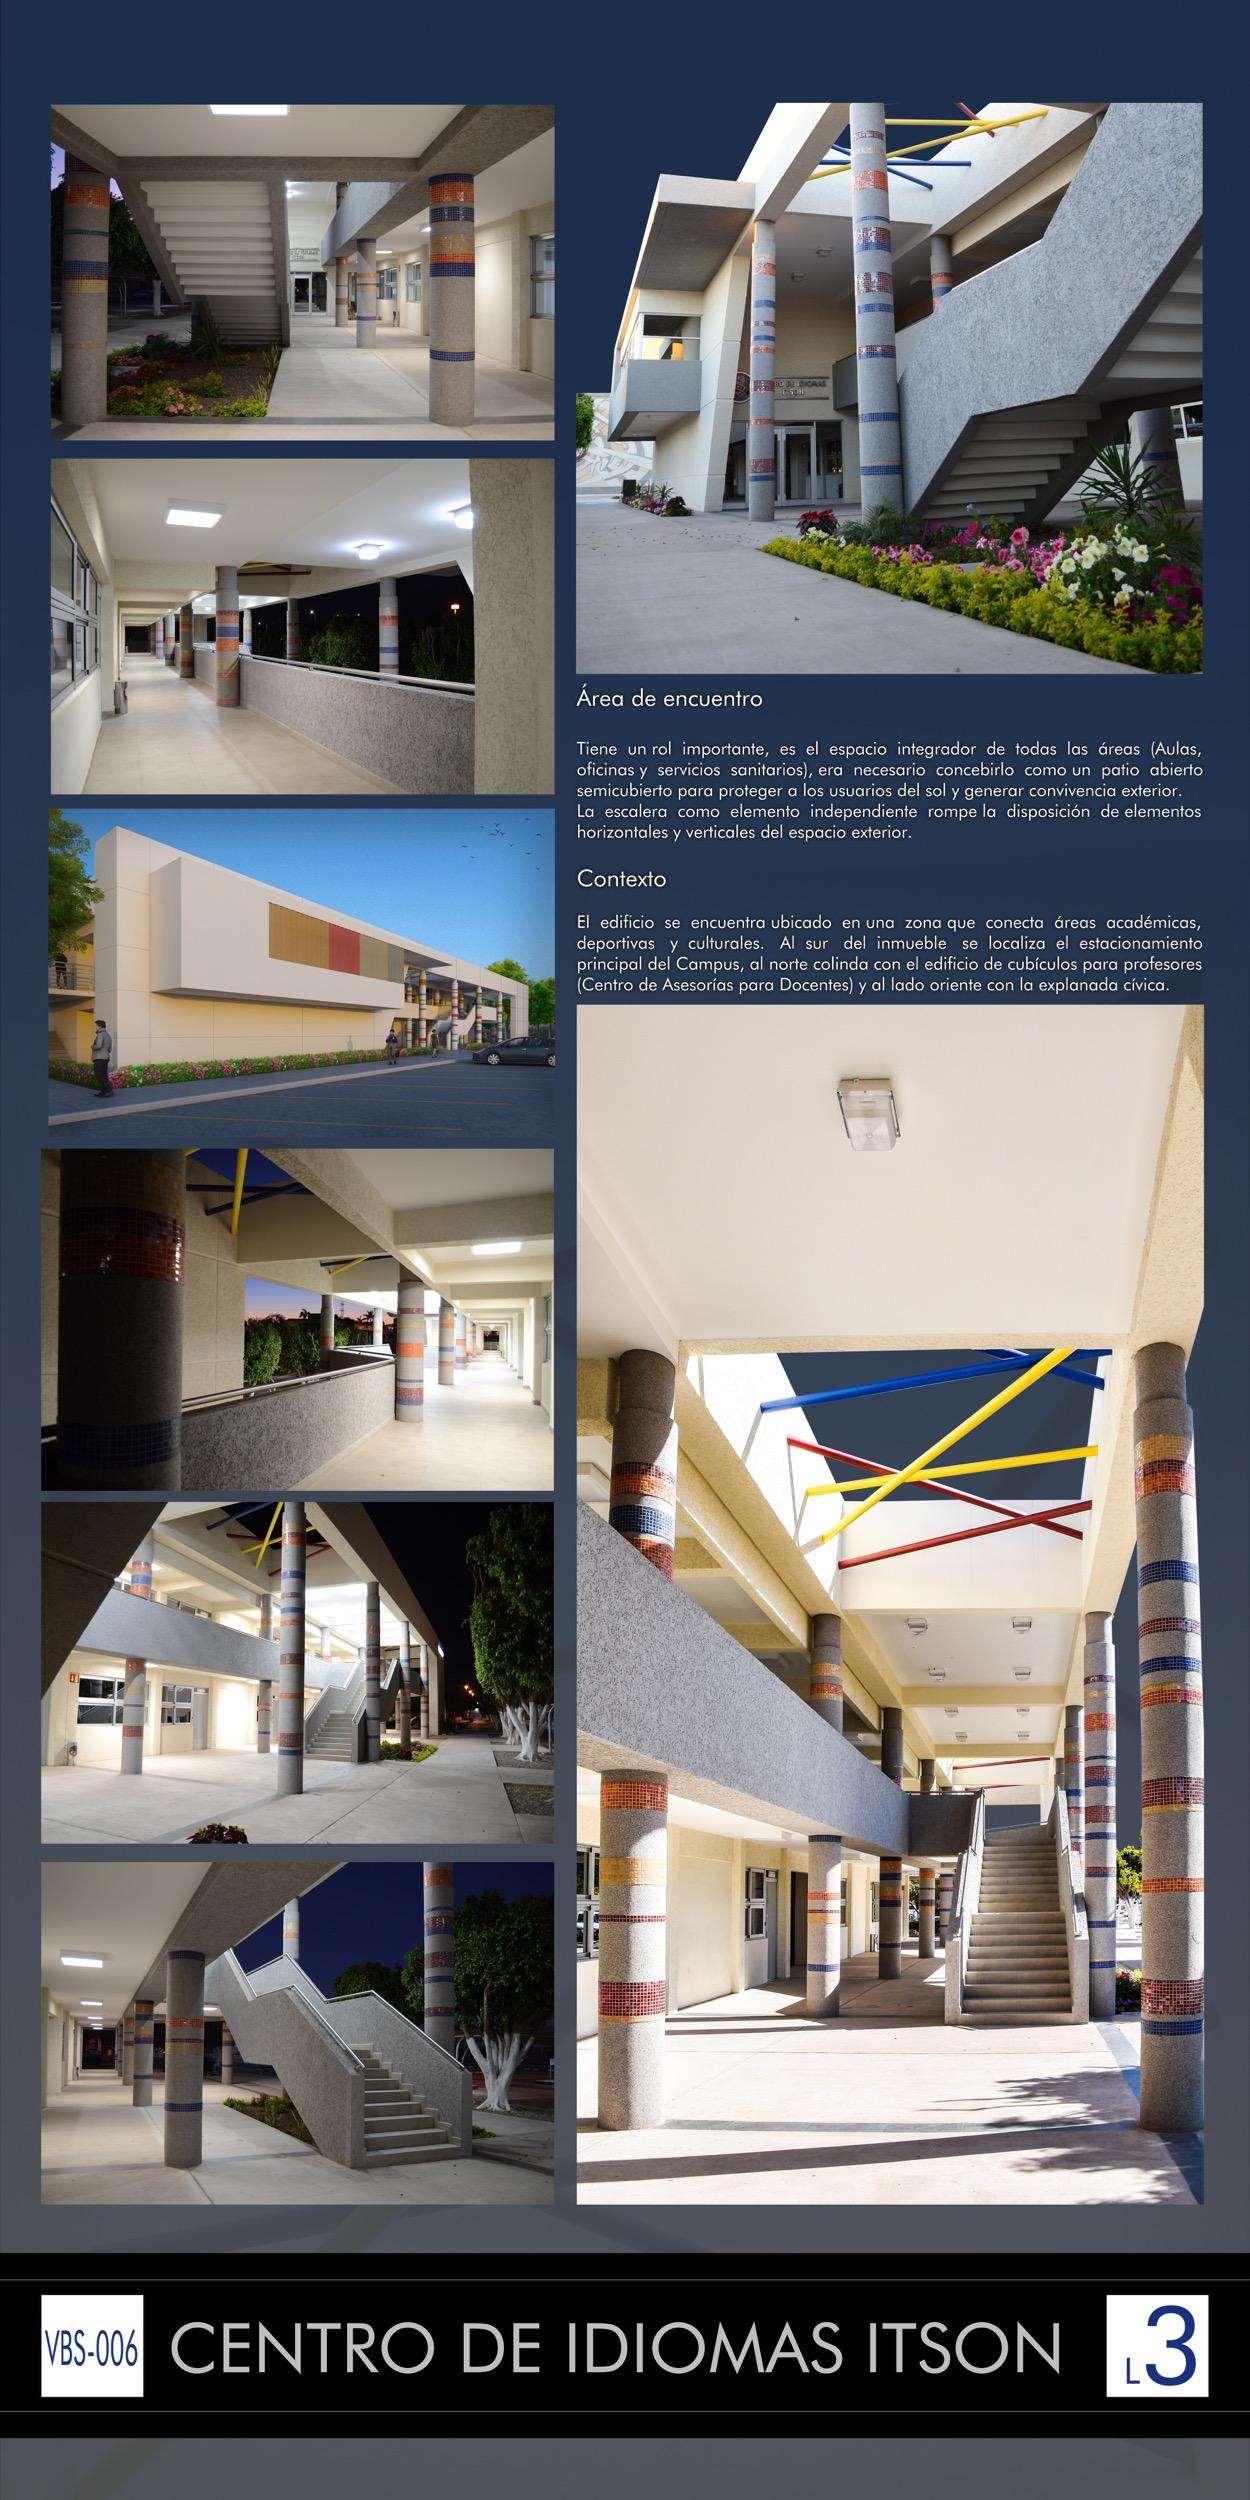 VBS-006-CENTRO DE IDIOMAS ITSON L3.jpg